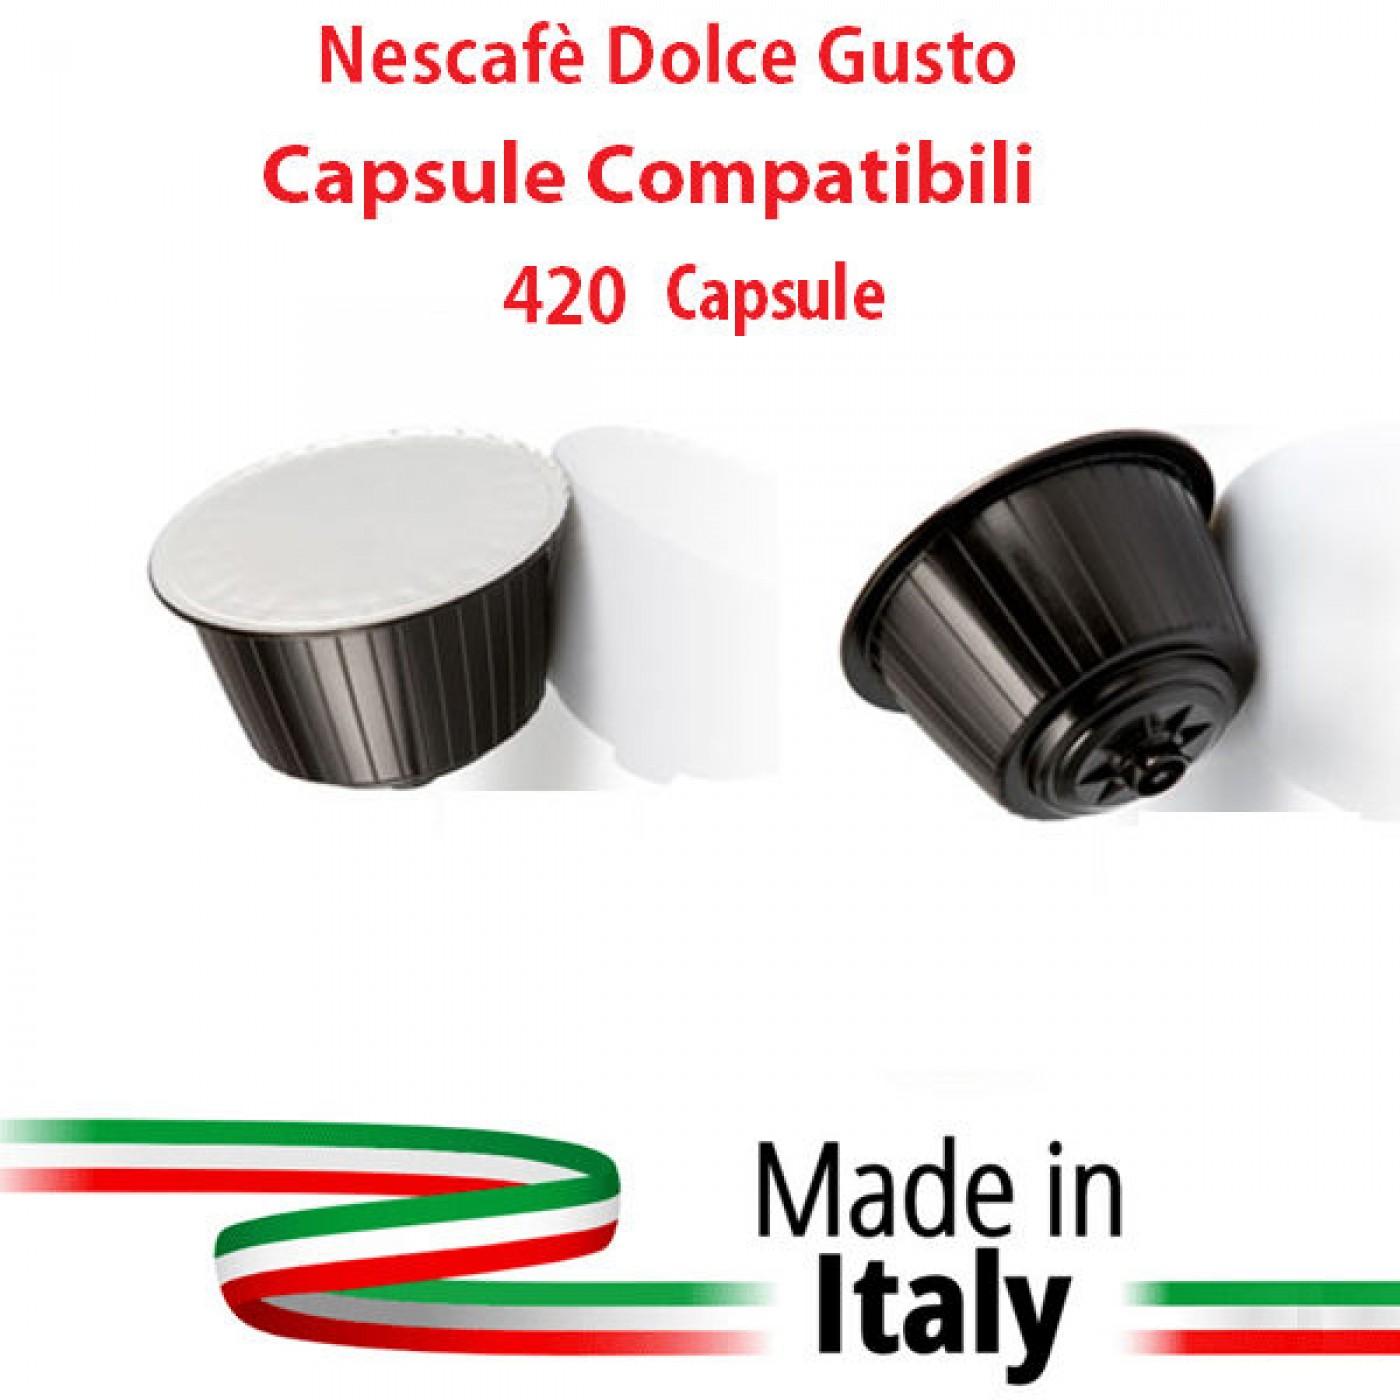 NESCAFE' DOLCE GUSTO 420 CAPSULE COMPATABILI